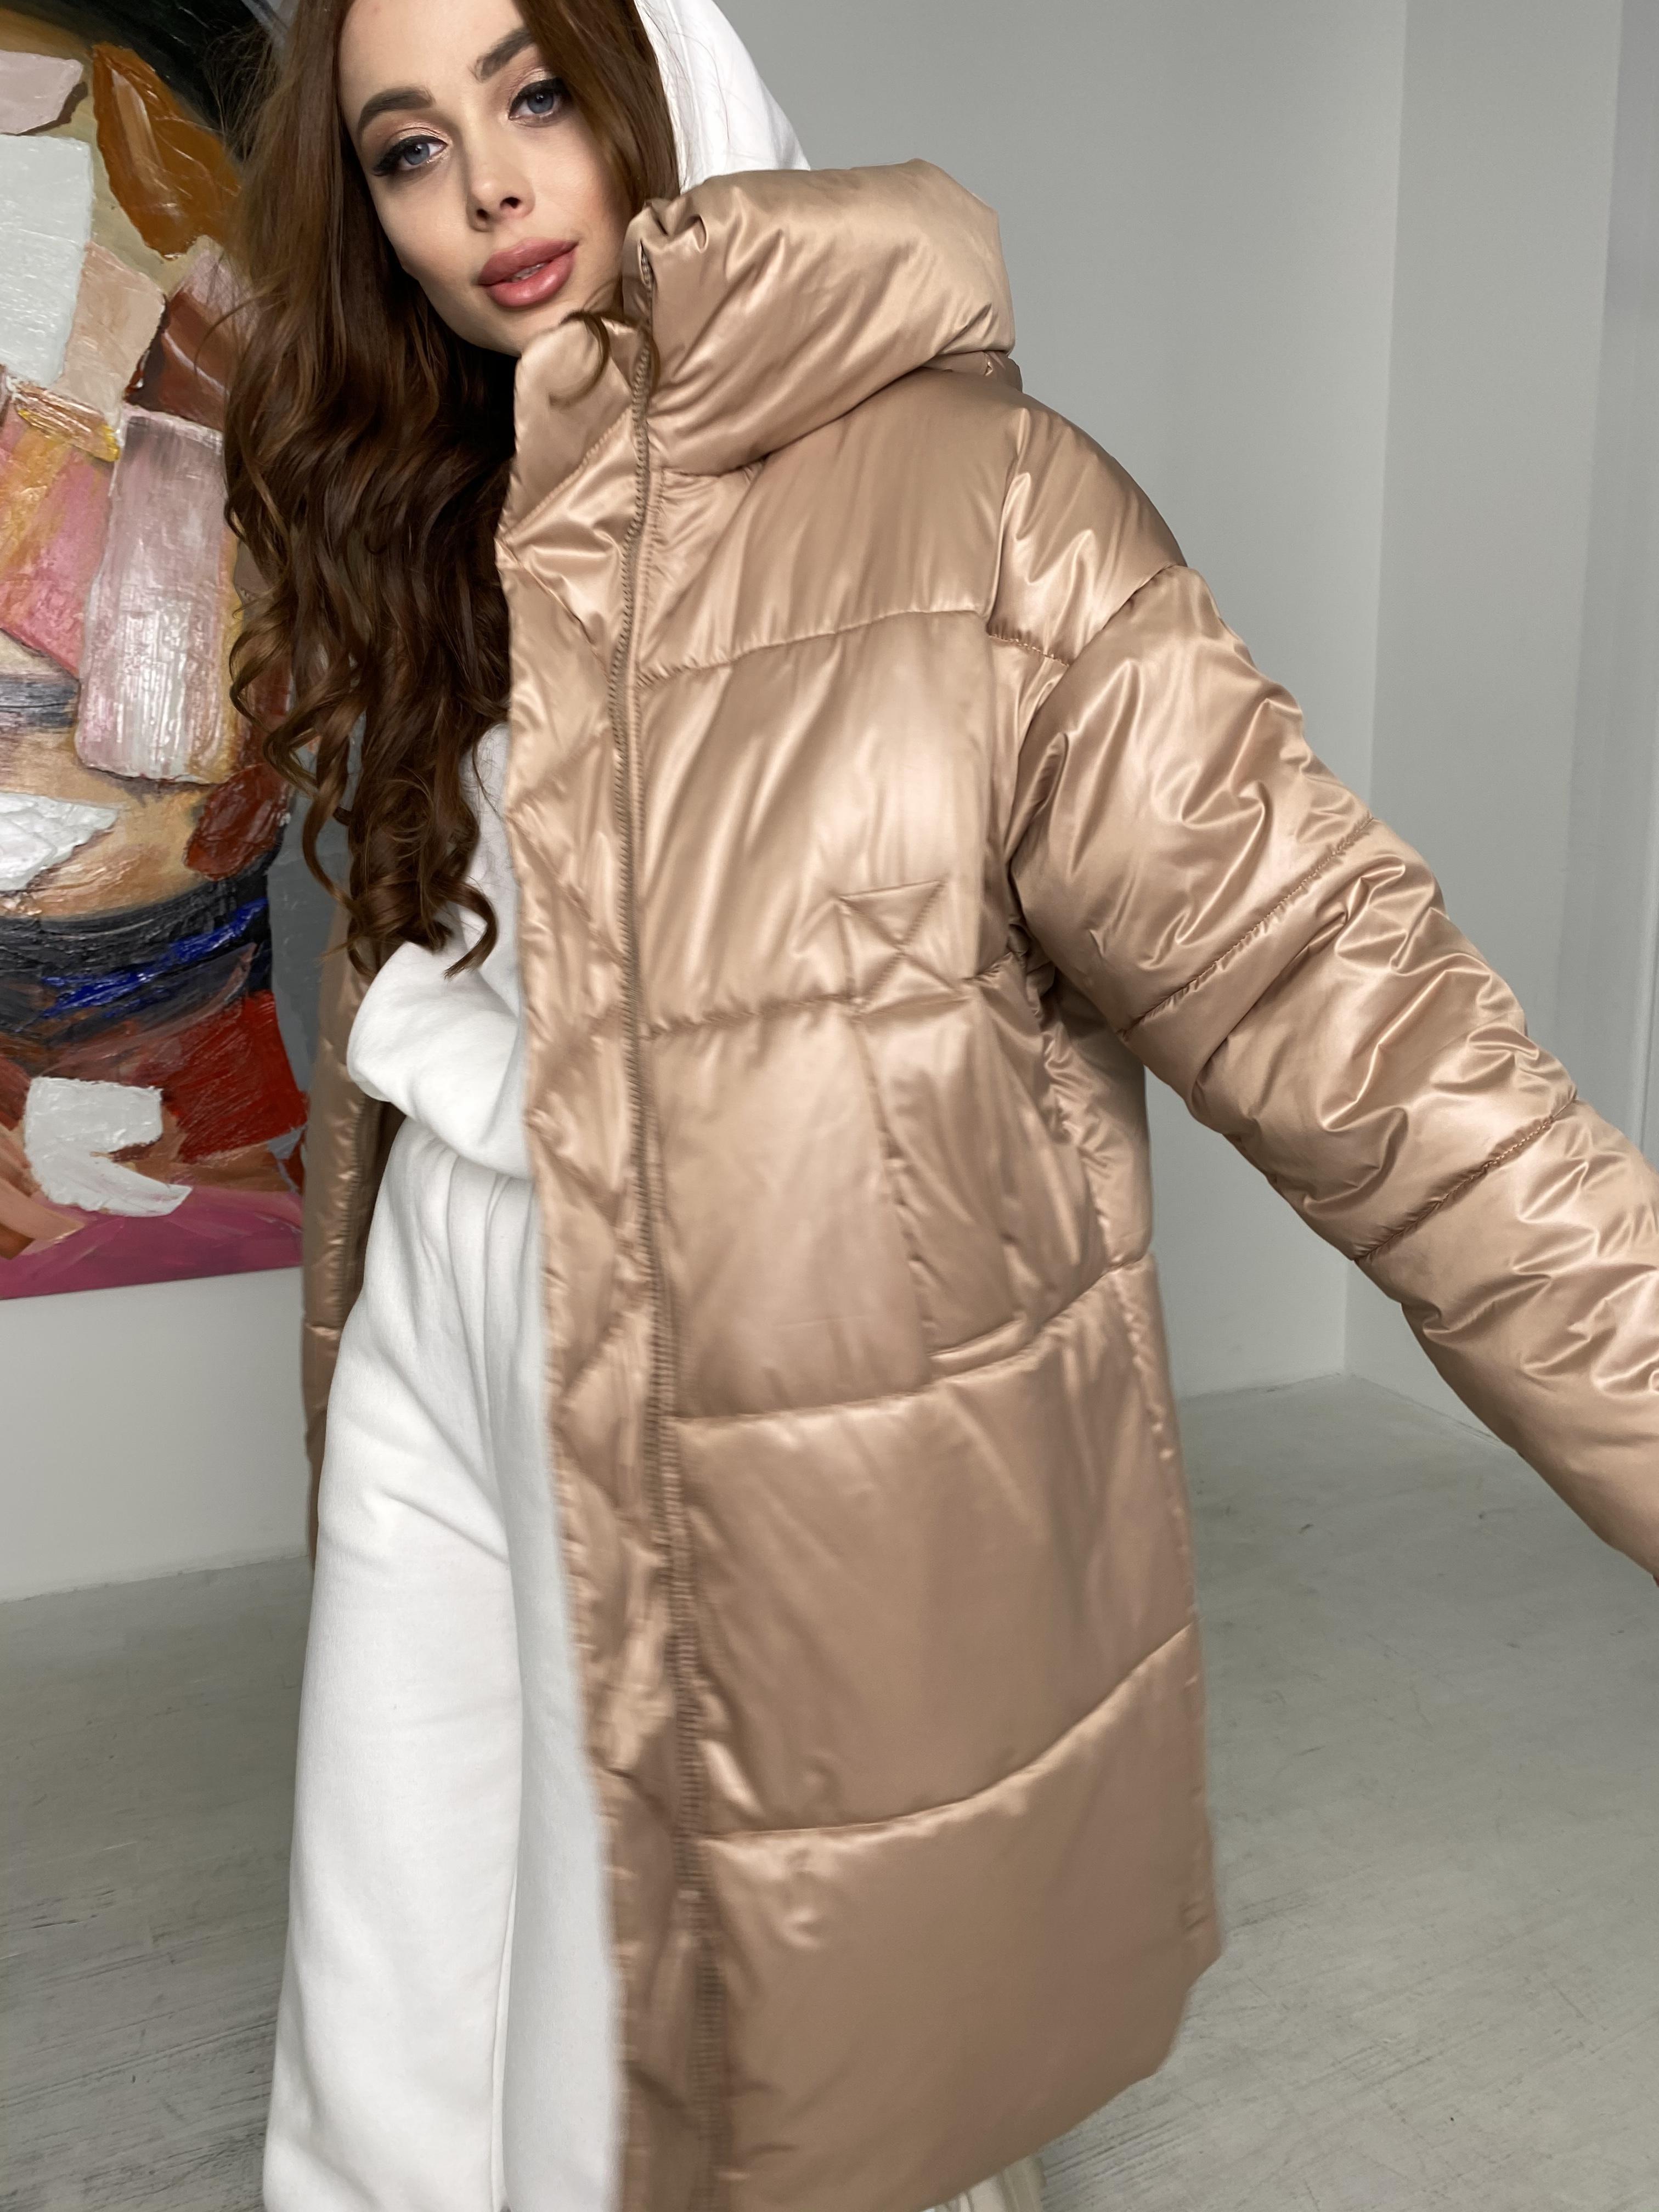 Френд пуховик из матовой плащевой ткани  10105 АРТ. 46697 Цвет: Кемел - фото 4, интернет магазин tm-modus.ru